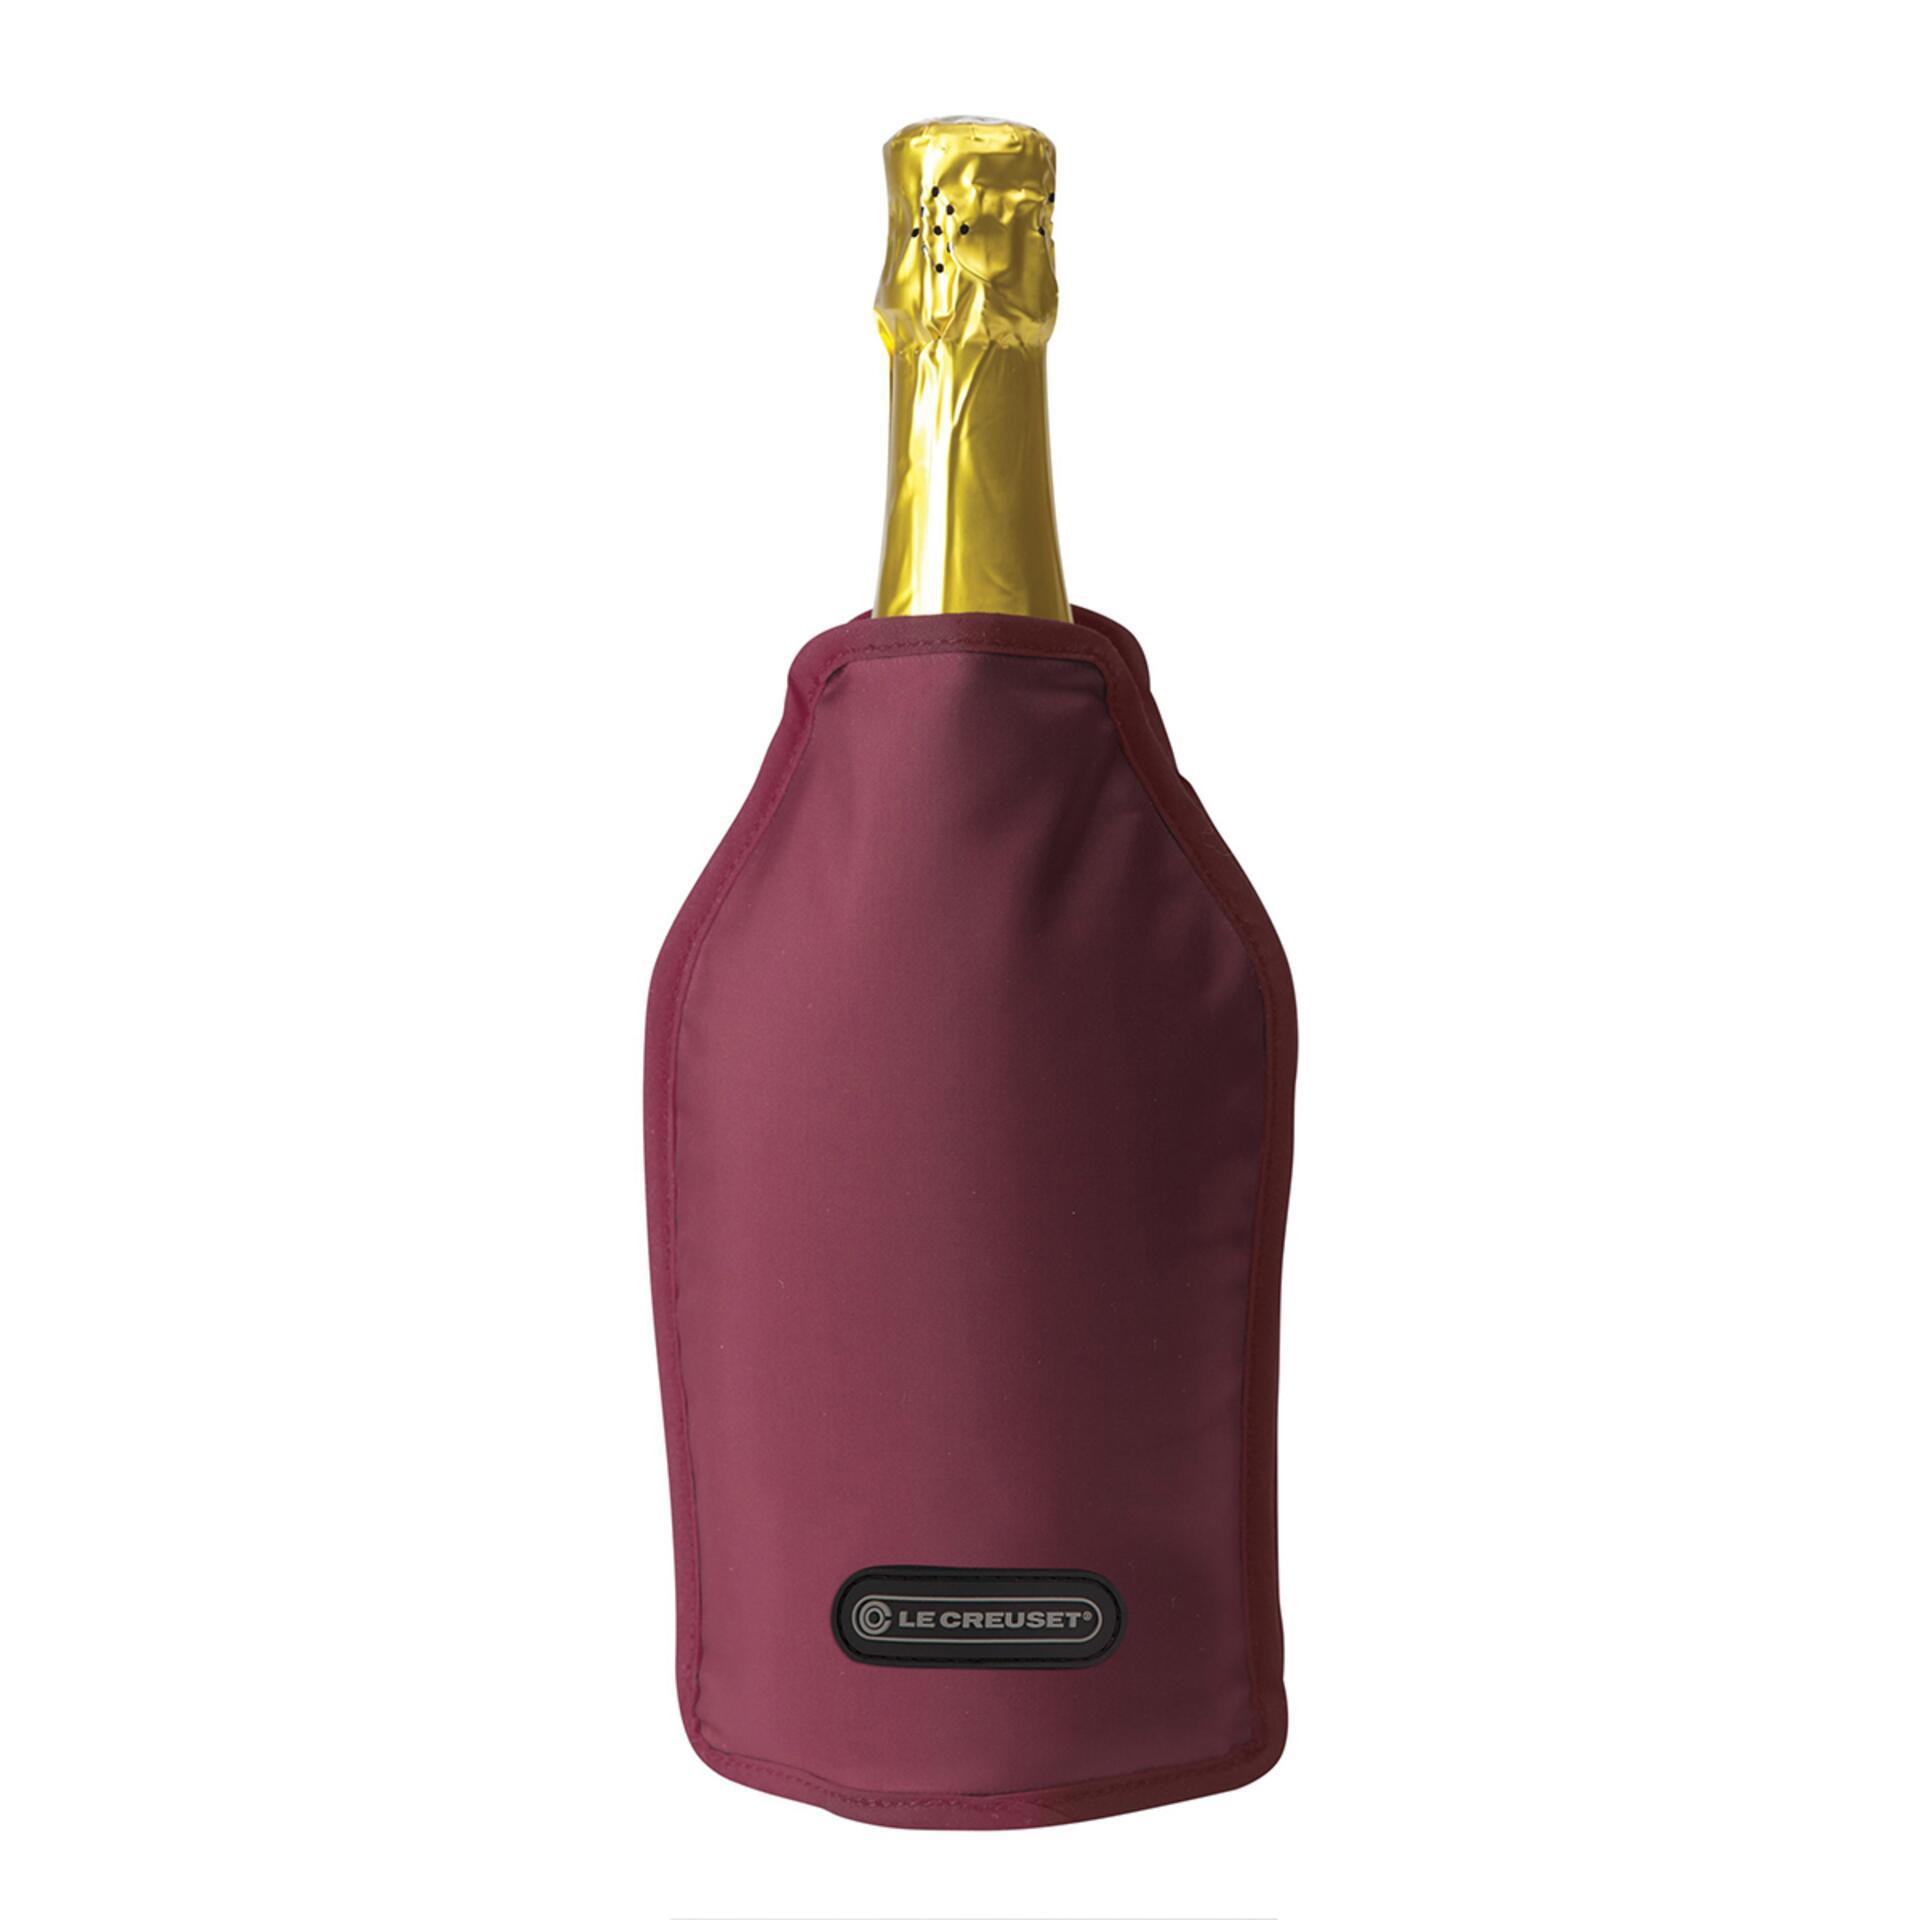 Screwpull Weinkühler WA-126 Burgund